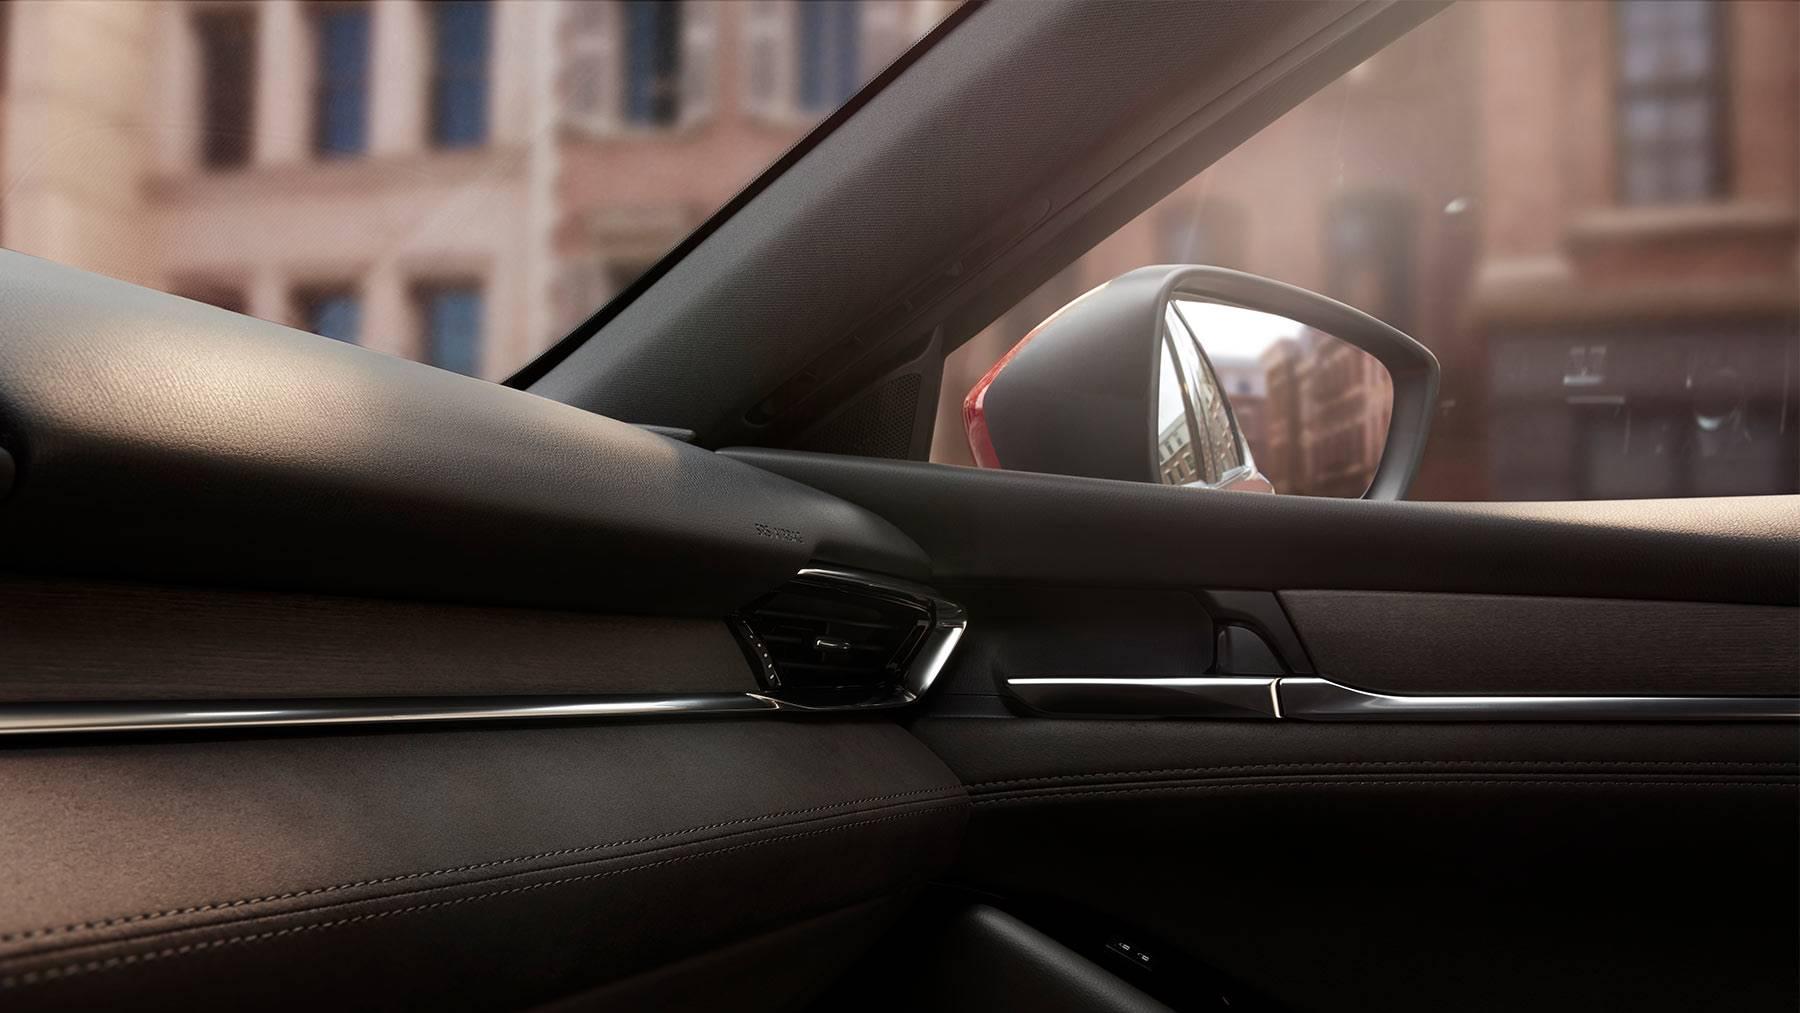 Interior of the 2018 Mazda6